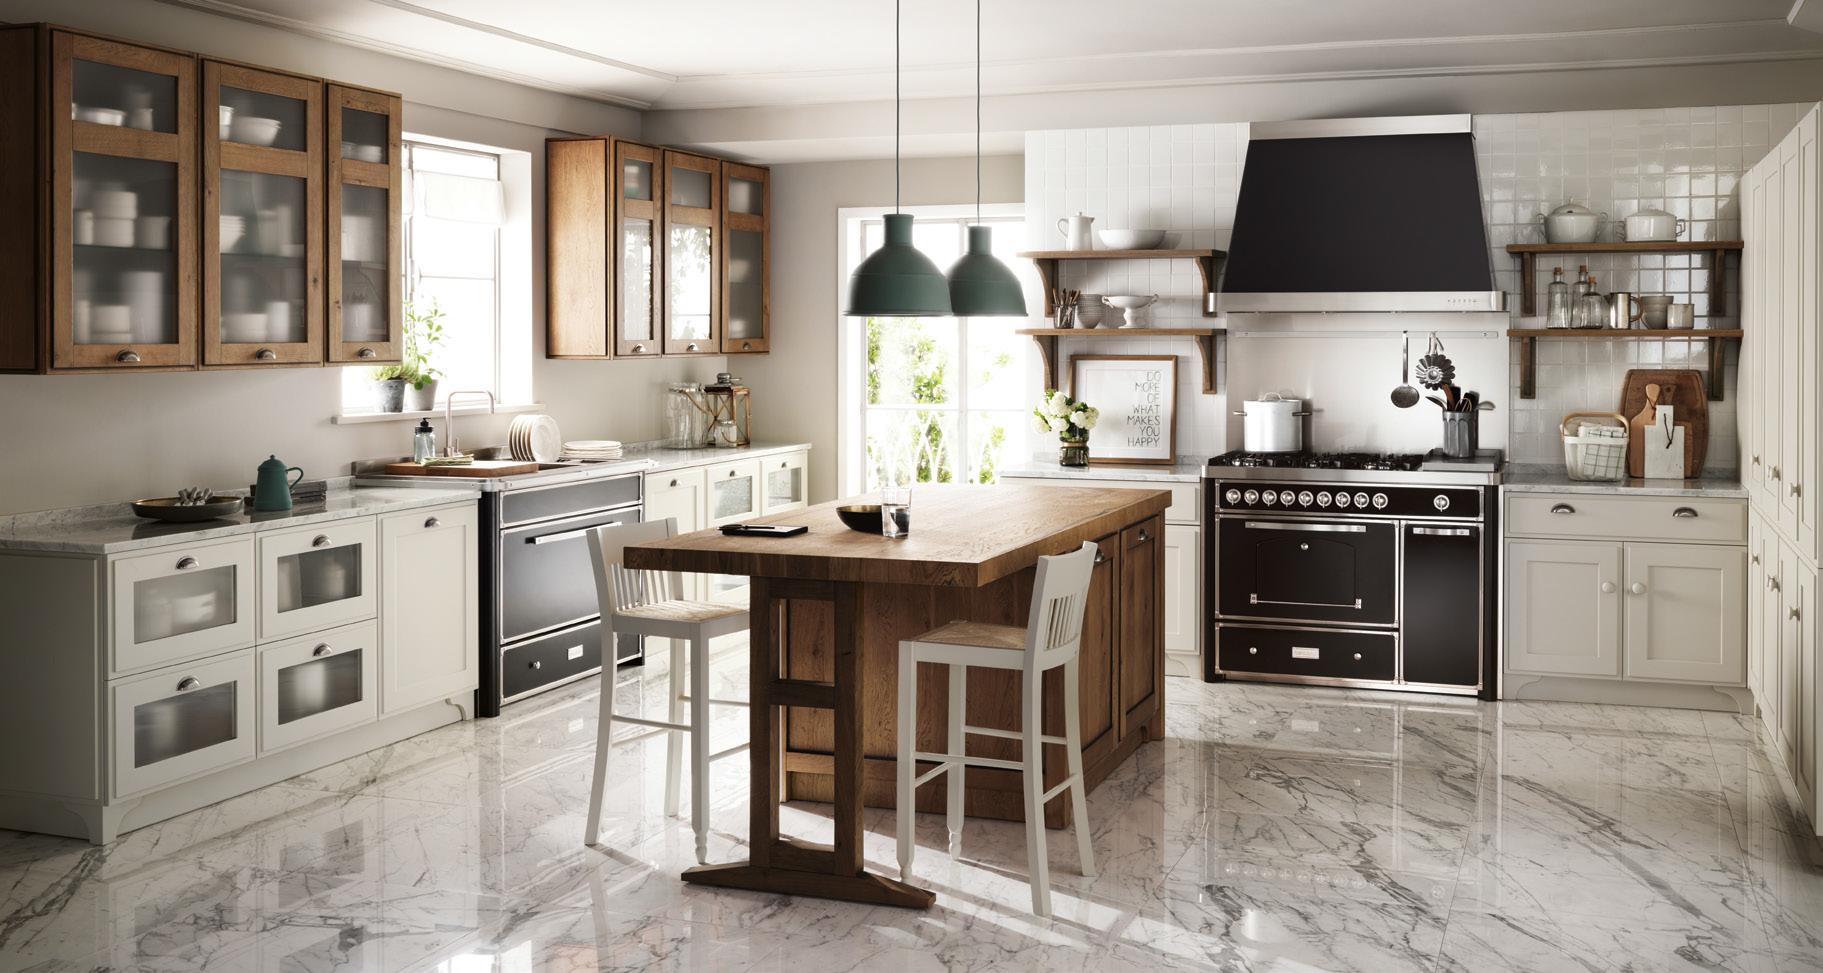 ... forma in un progetto raffinato, la cucina Favilla di Scavolini